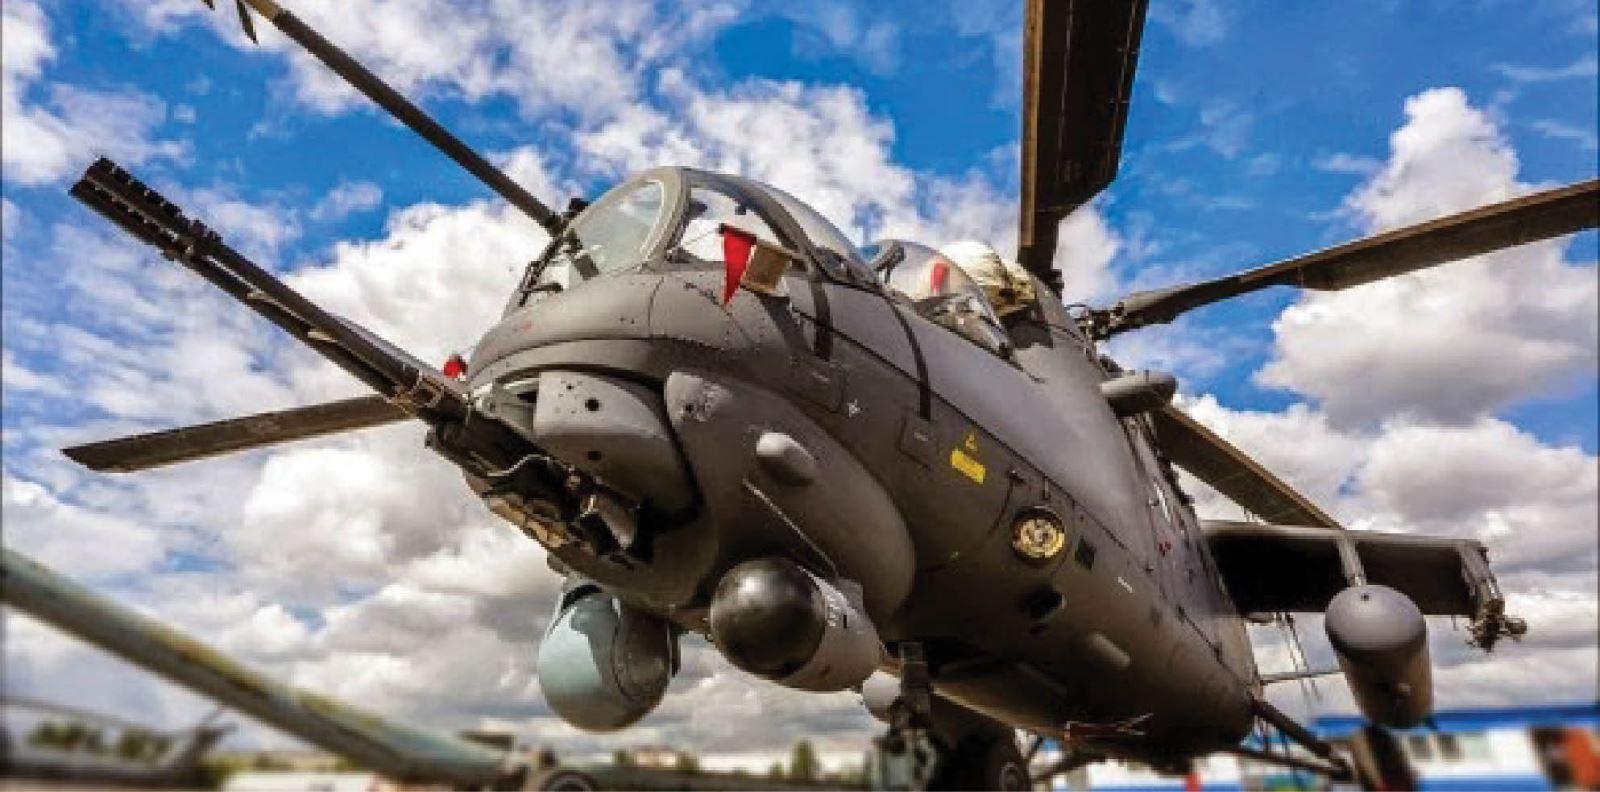 هيلكوبتر روسية في سماء العراق